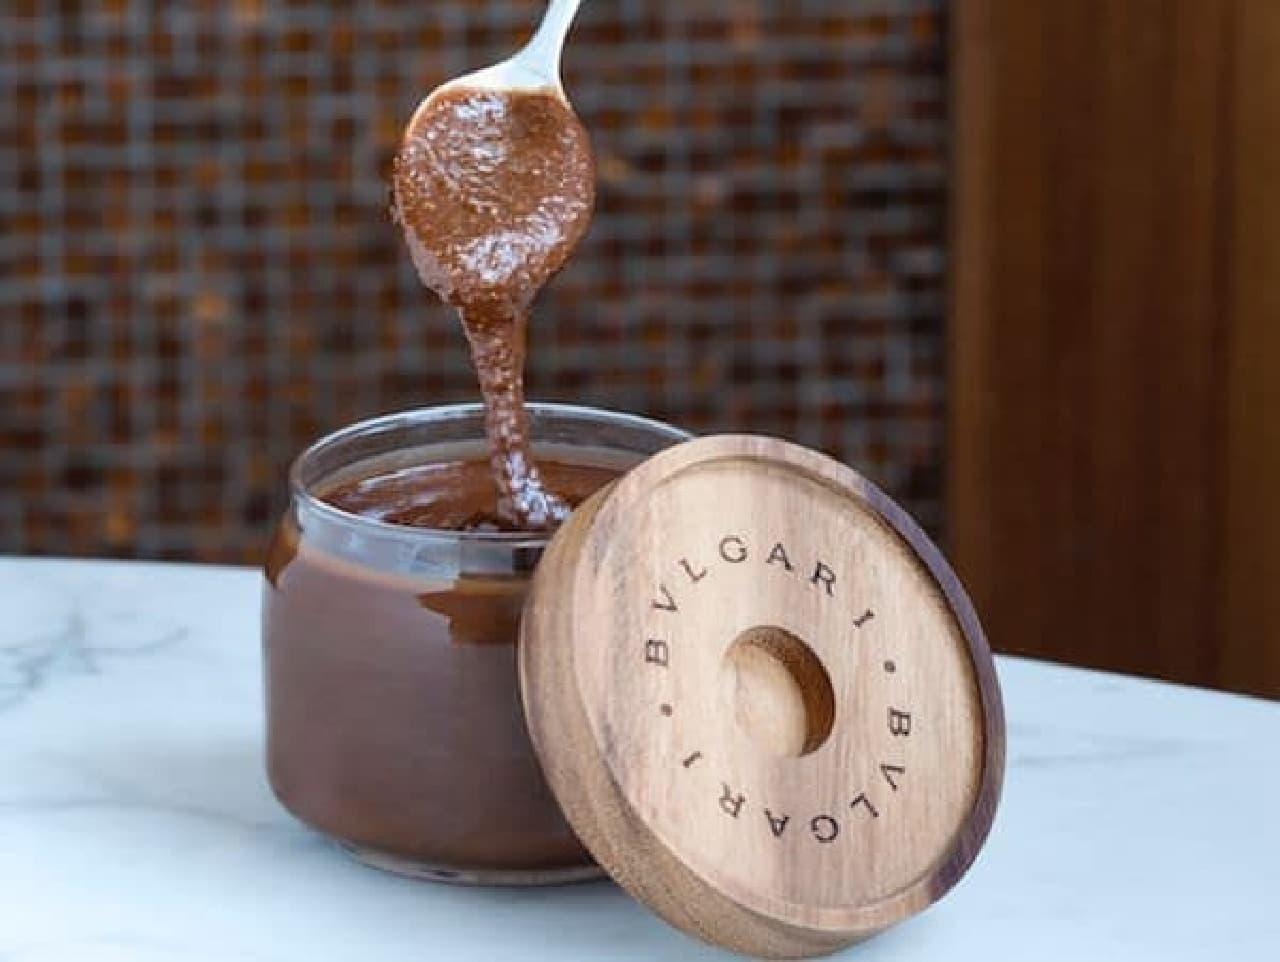 「La Crema」は、高品質であることで有名なイタリア・ピエモンテ産の香り高いヘーゼルナッツをたっぷりと使用したクリーム